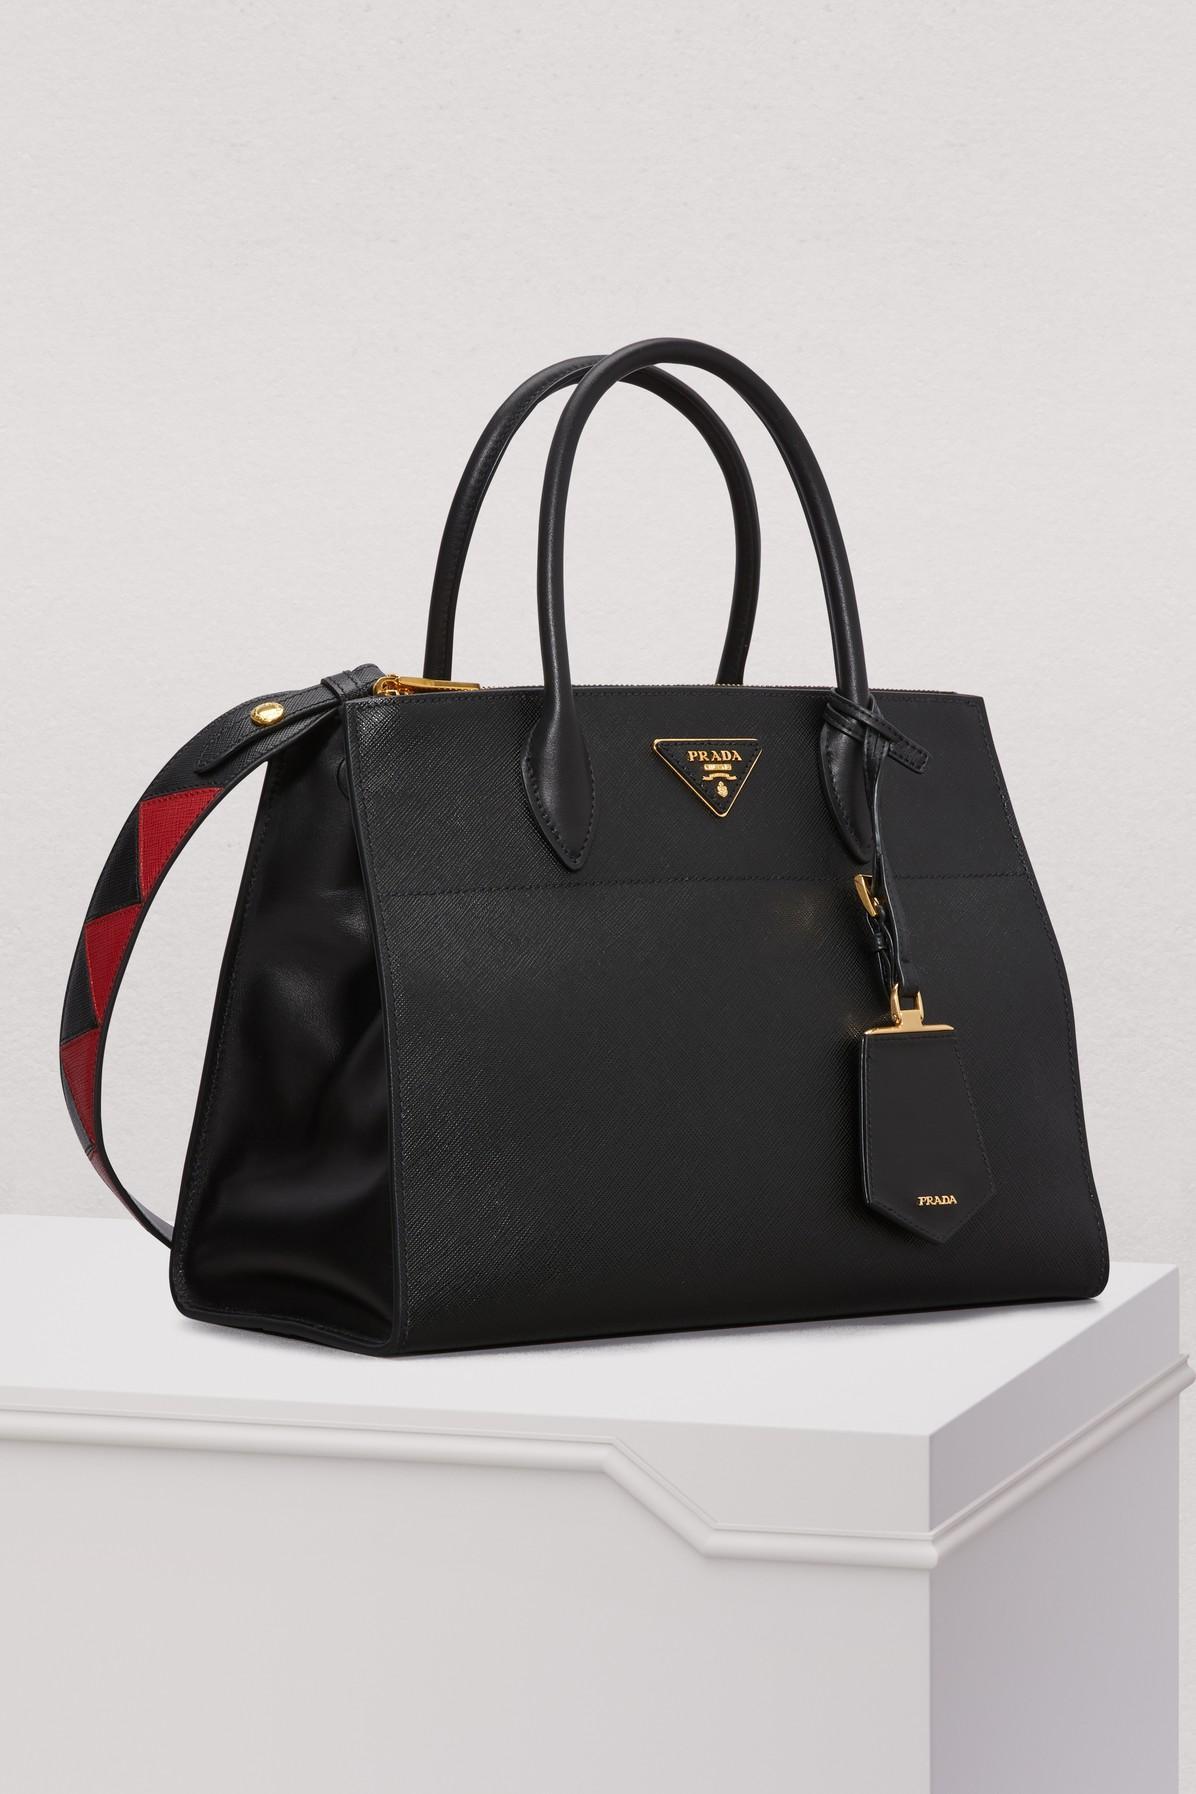 Prada - Black Paradigme Big Cross-body Bag - Lyst. View fullscreen 1c1ce344456d2